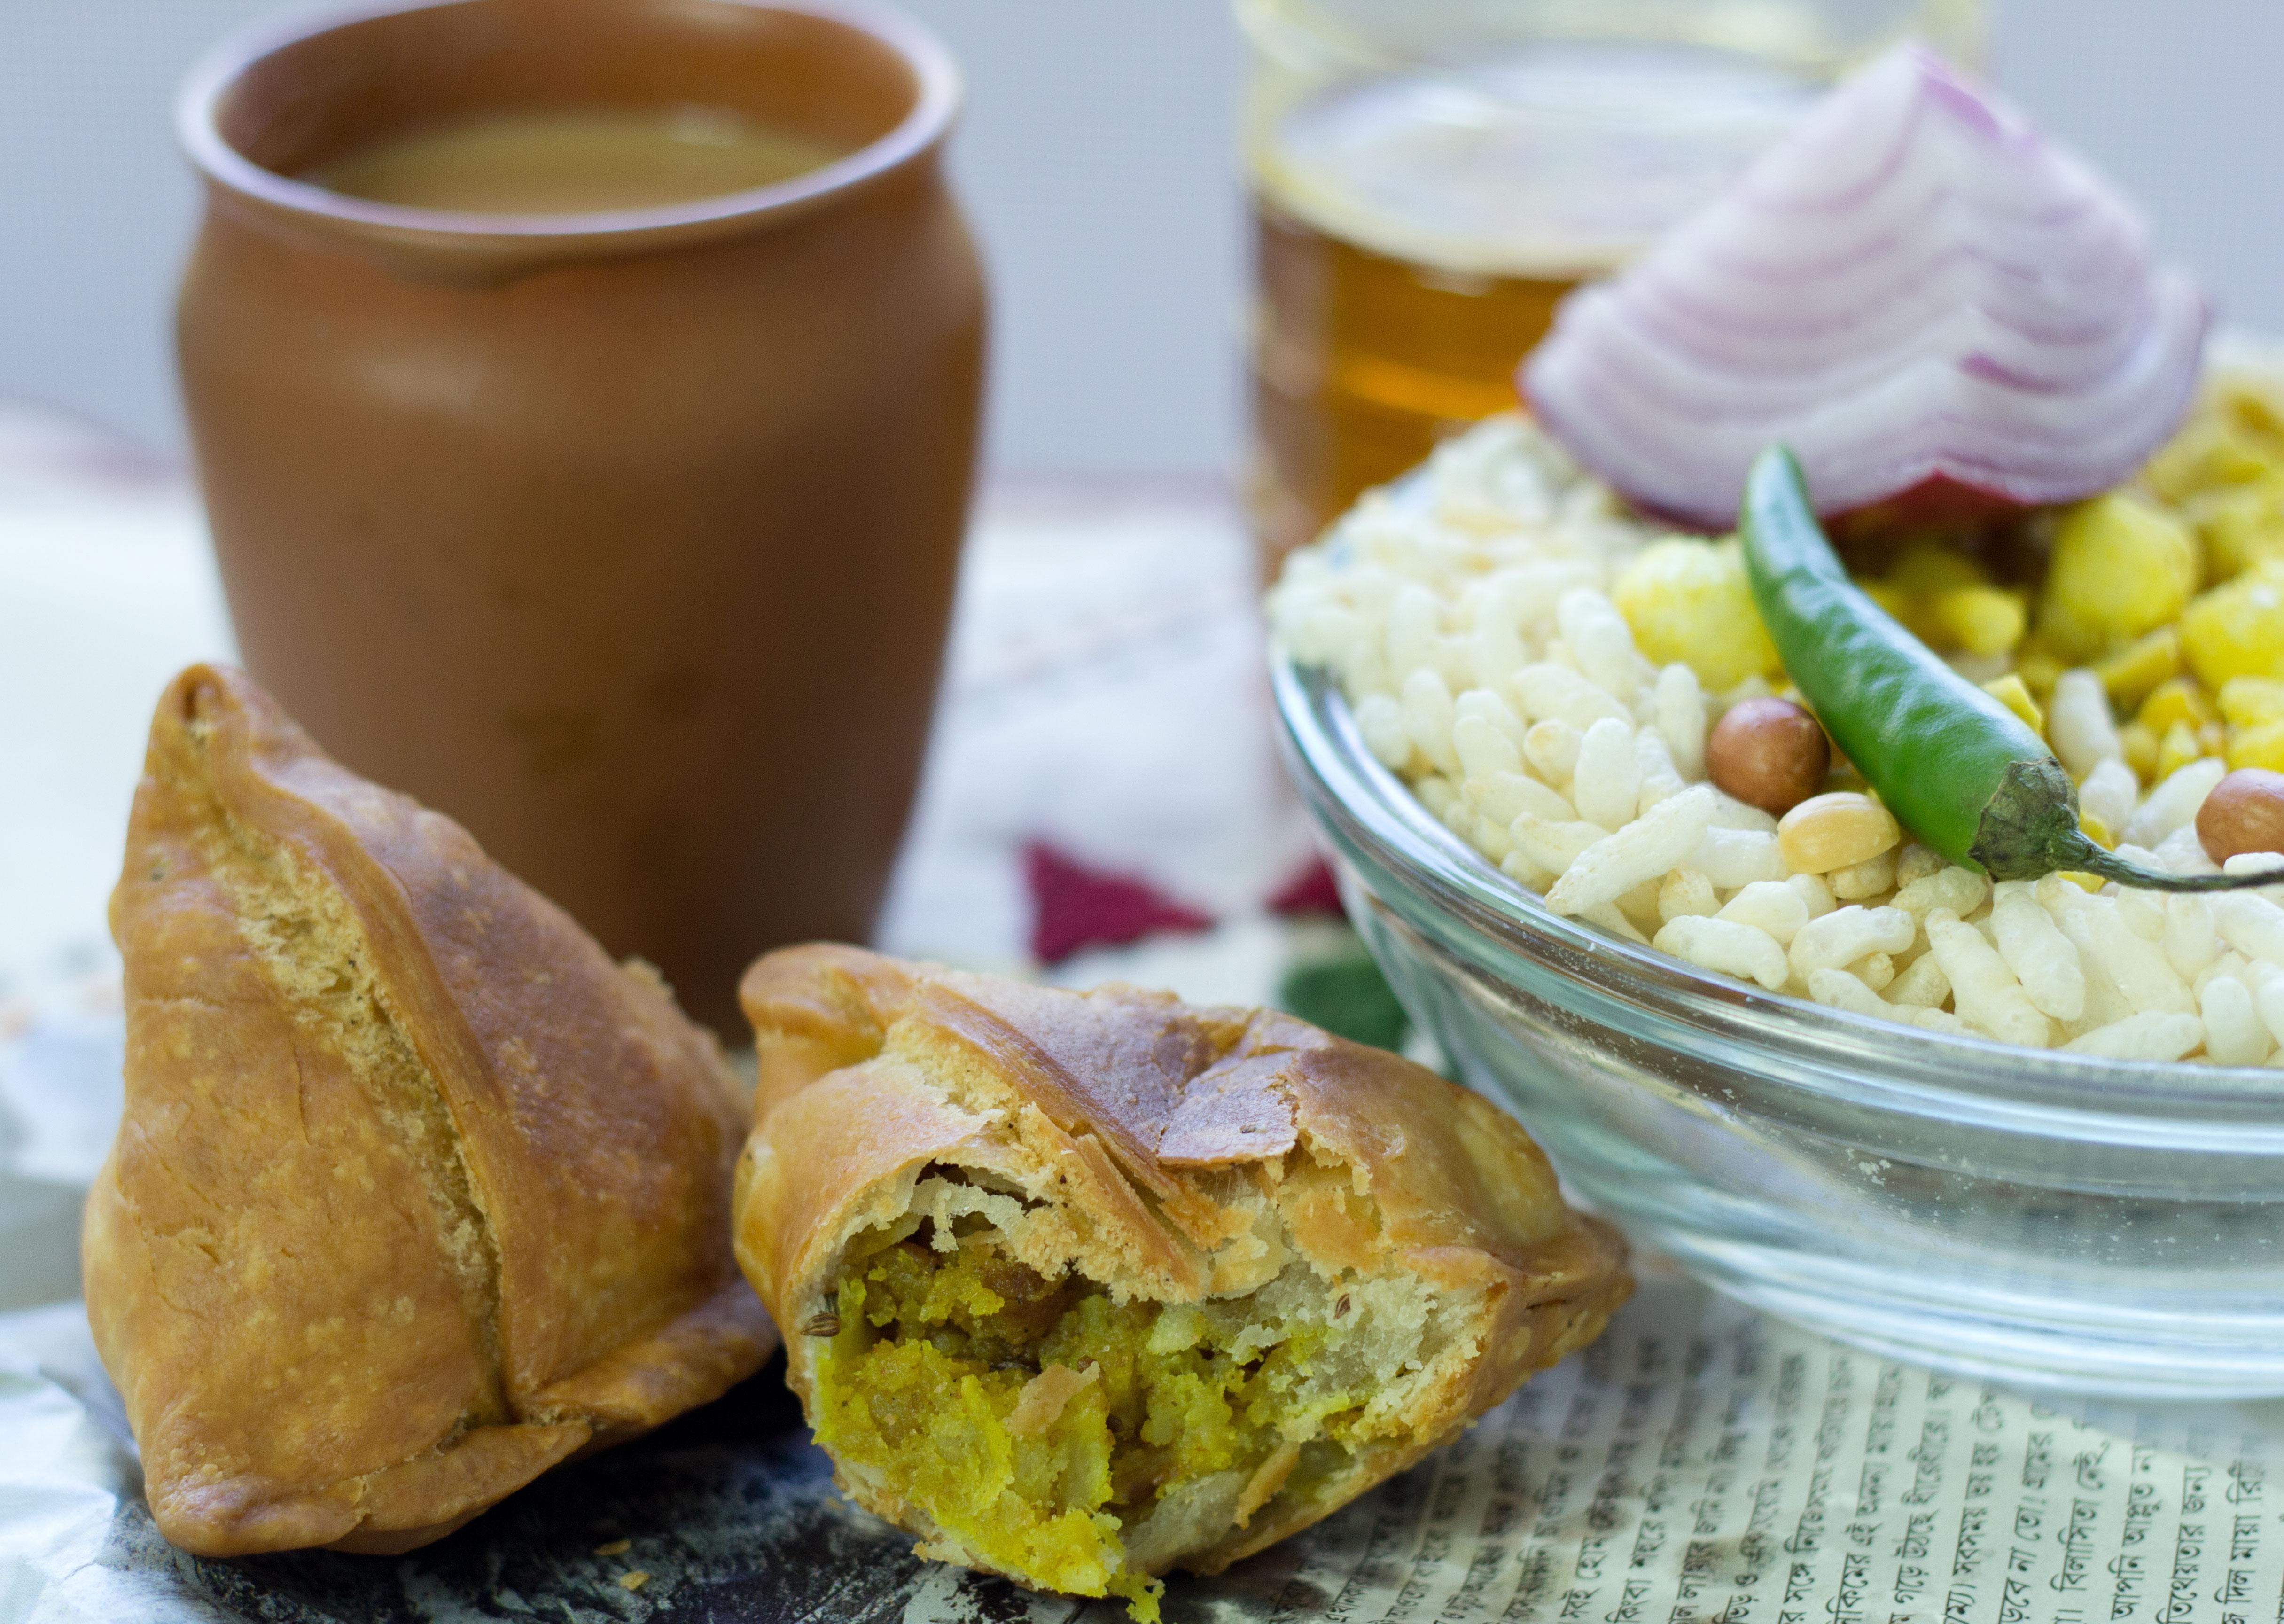 Shingara or Vegetable Samosa